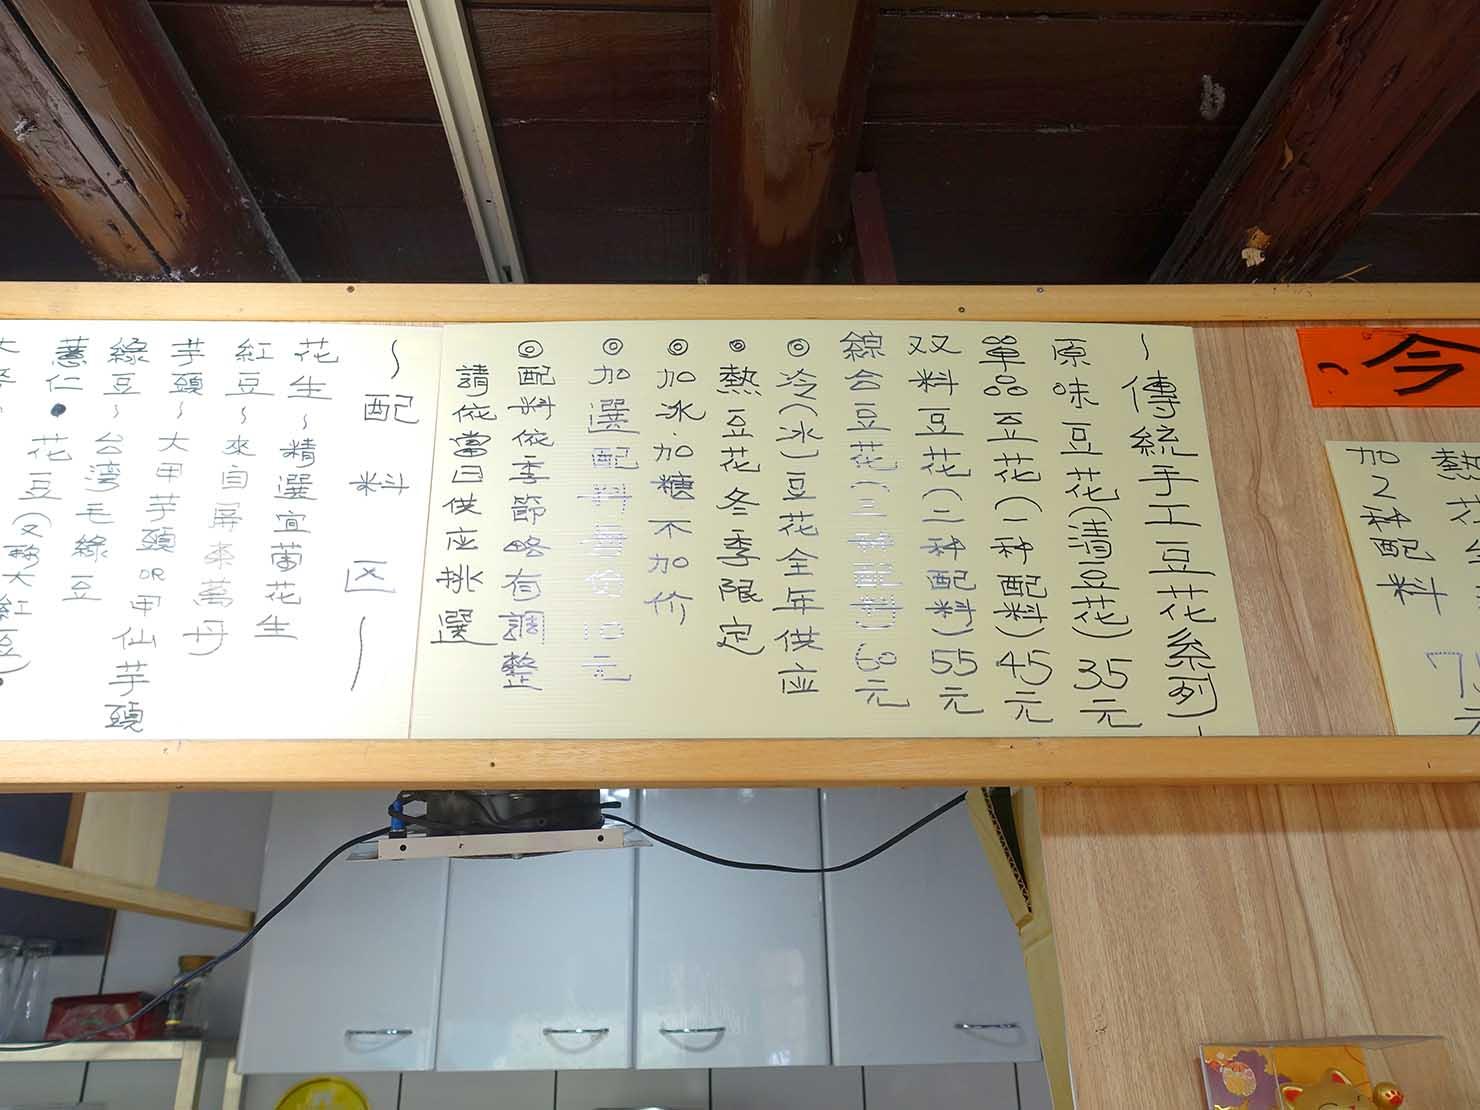 台北・中山駅周辺のおすすめグルメ店「阿明ㄟ豆花」のメニュー